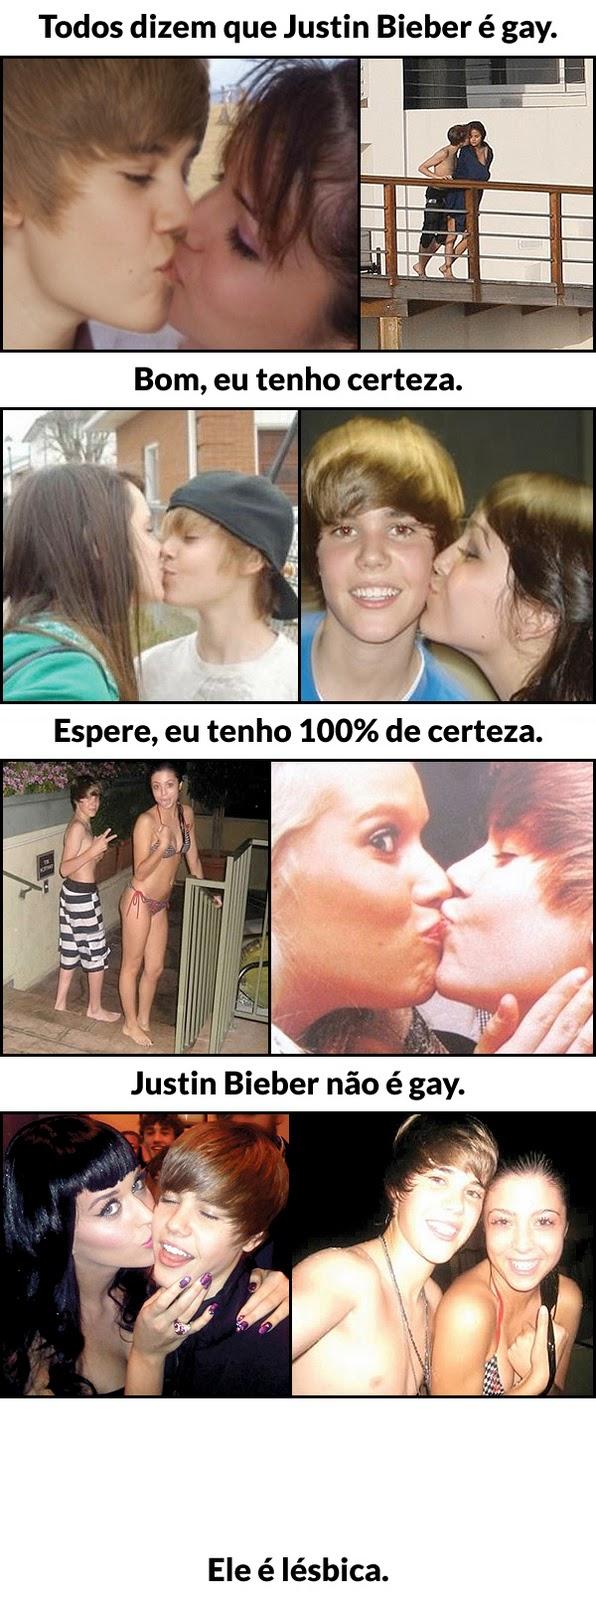 Eh gay